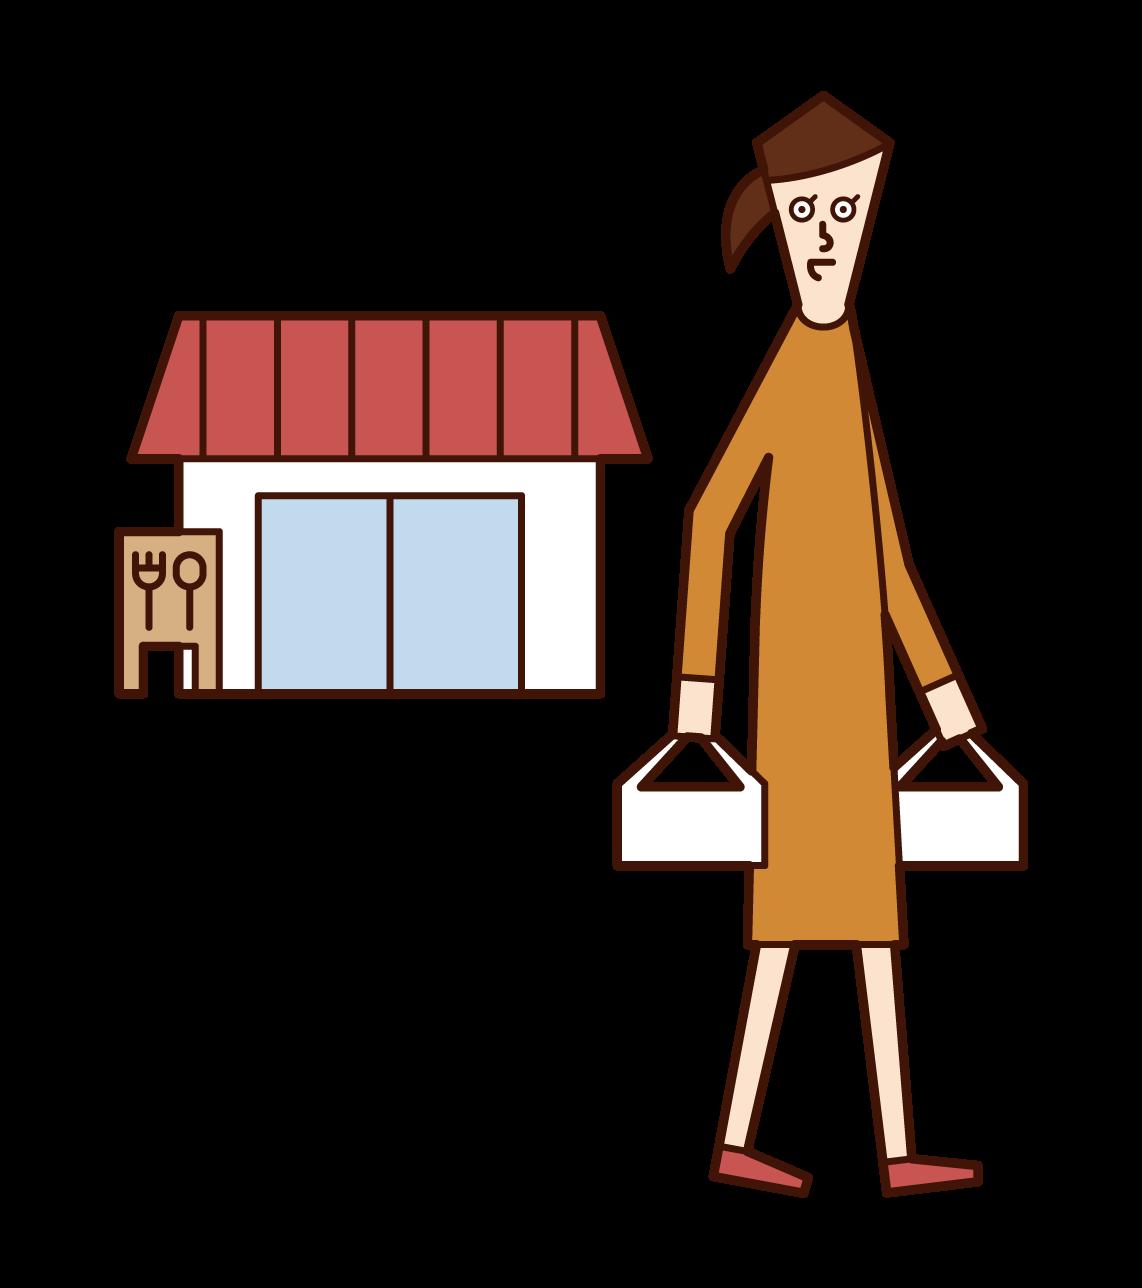 음식을 배달하는 사람 (여성)의 그림